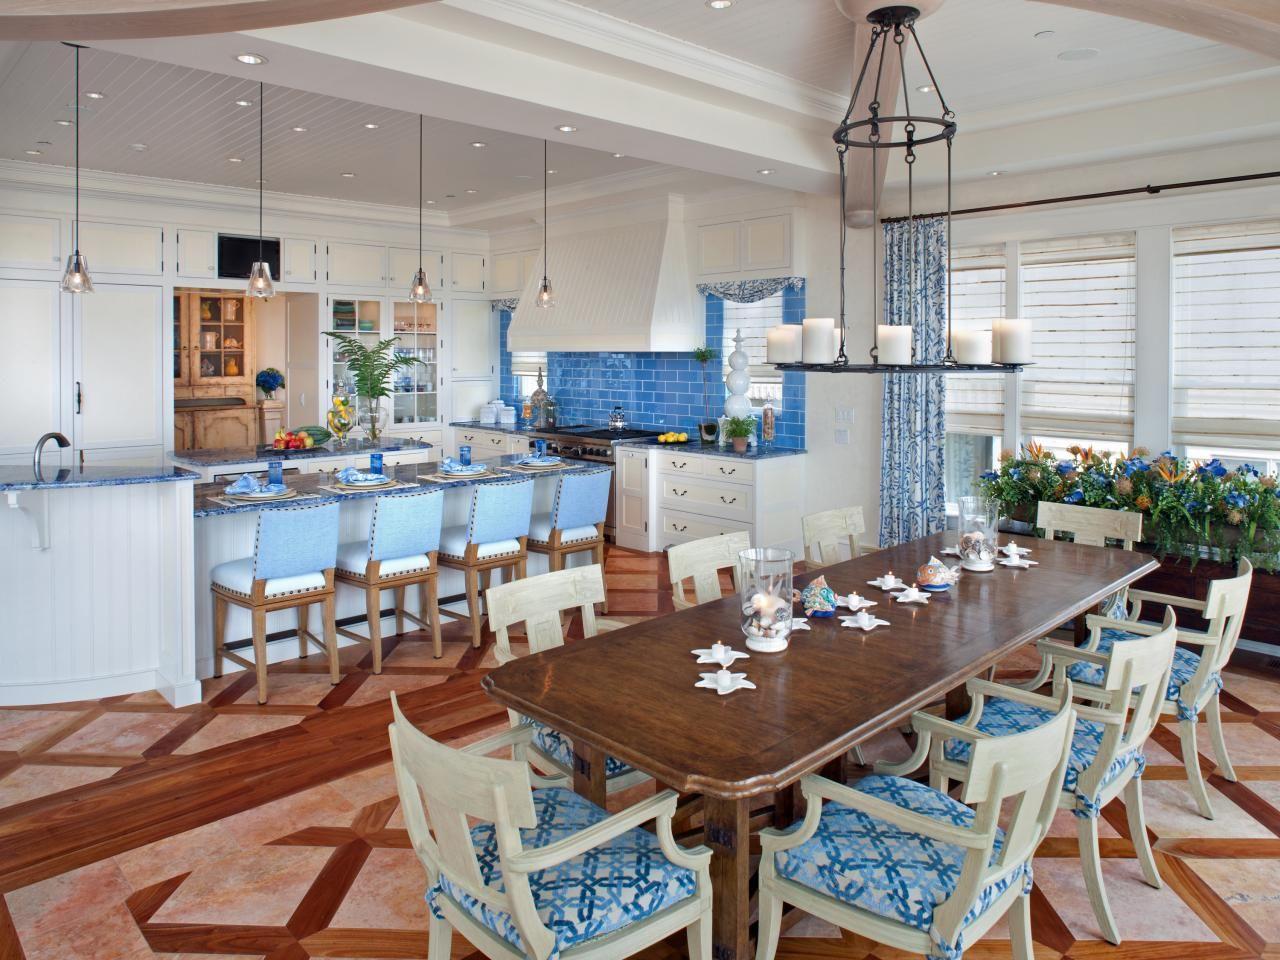 Blue Backsplash  Kitchen  Pinterest  Coastal Large Candles And Custom Coastal Living Dining Room Furniture Design Inspiration